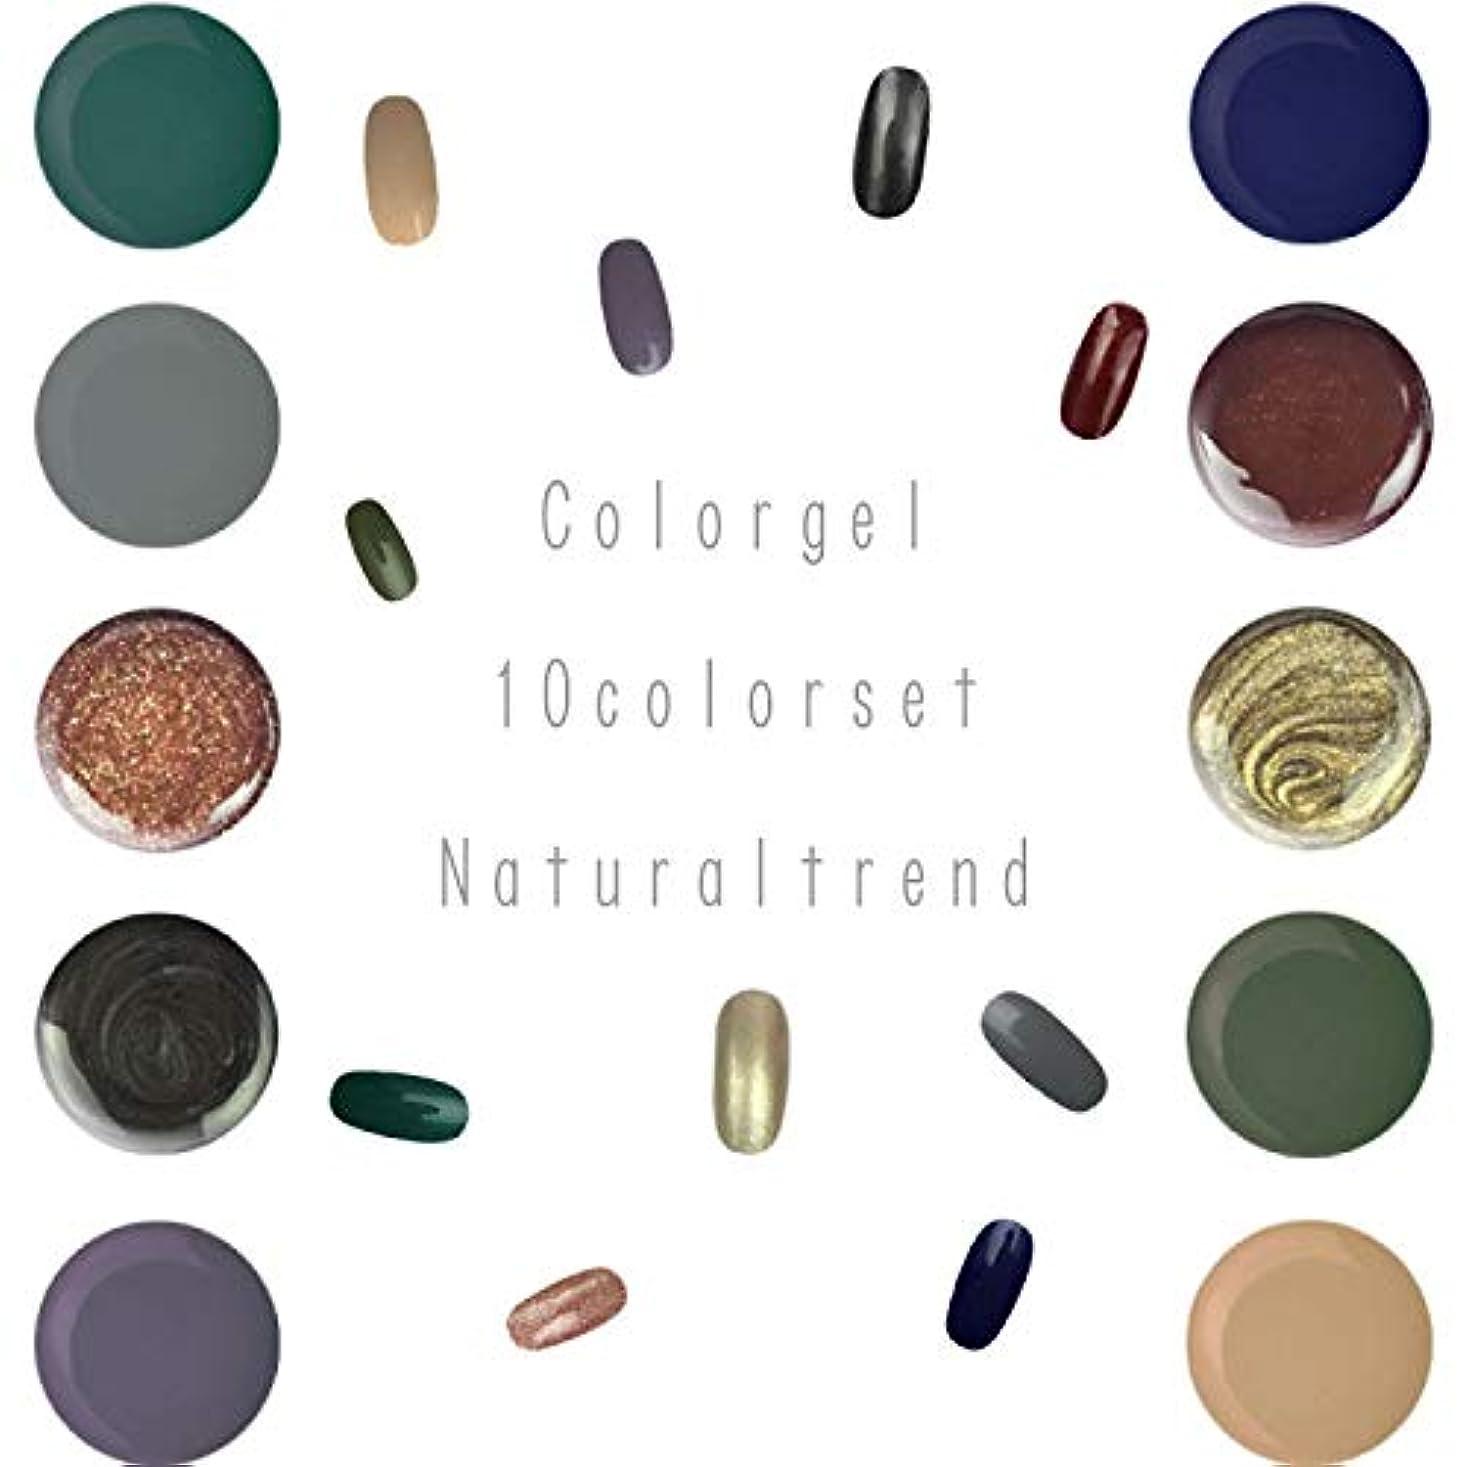 終わった悪性不明瞭NaturalTrend ジェルネイル 10色セット カラージェル カラージェルセット ジェルセット (Bセット)